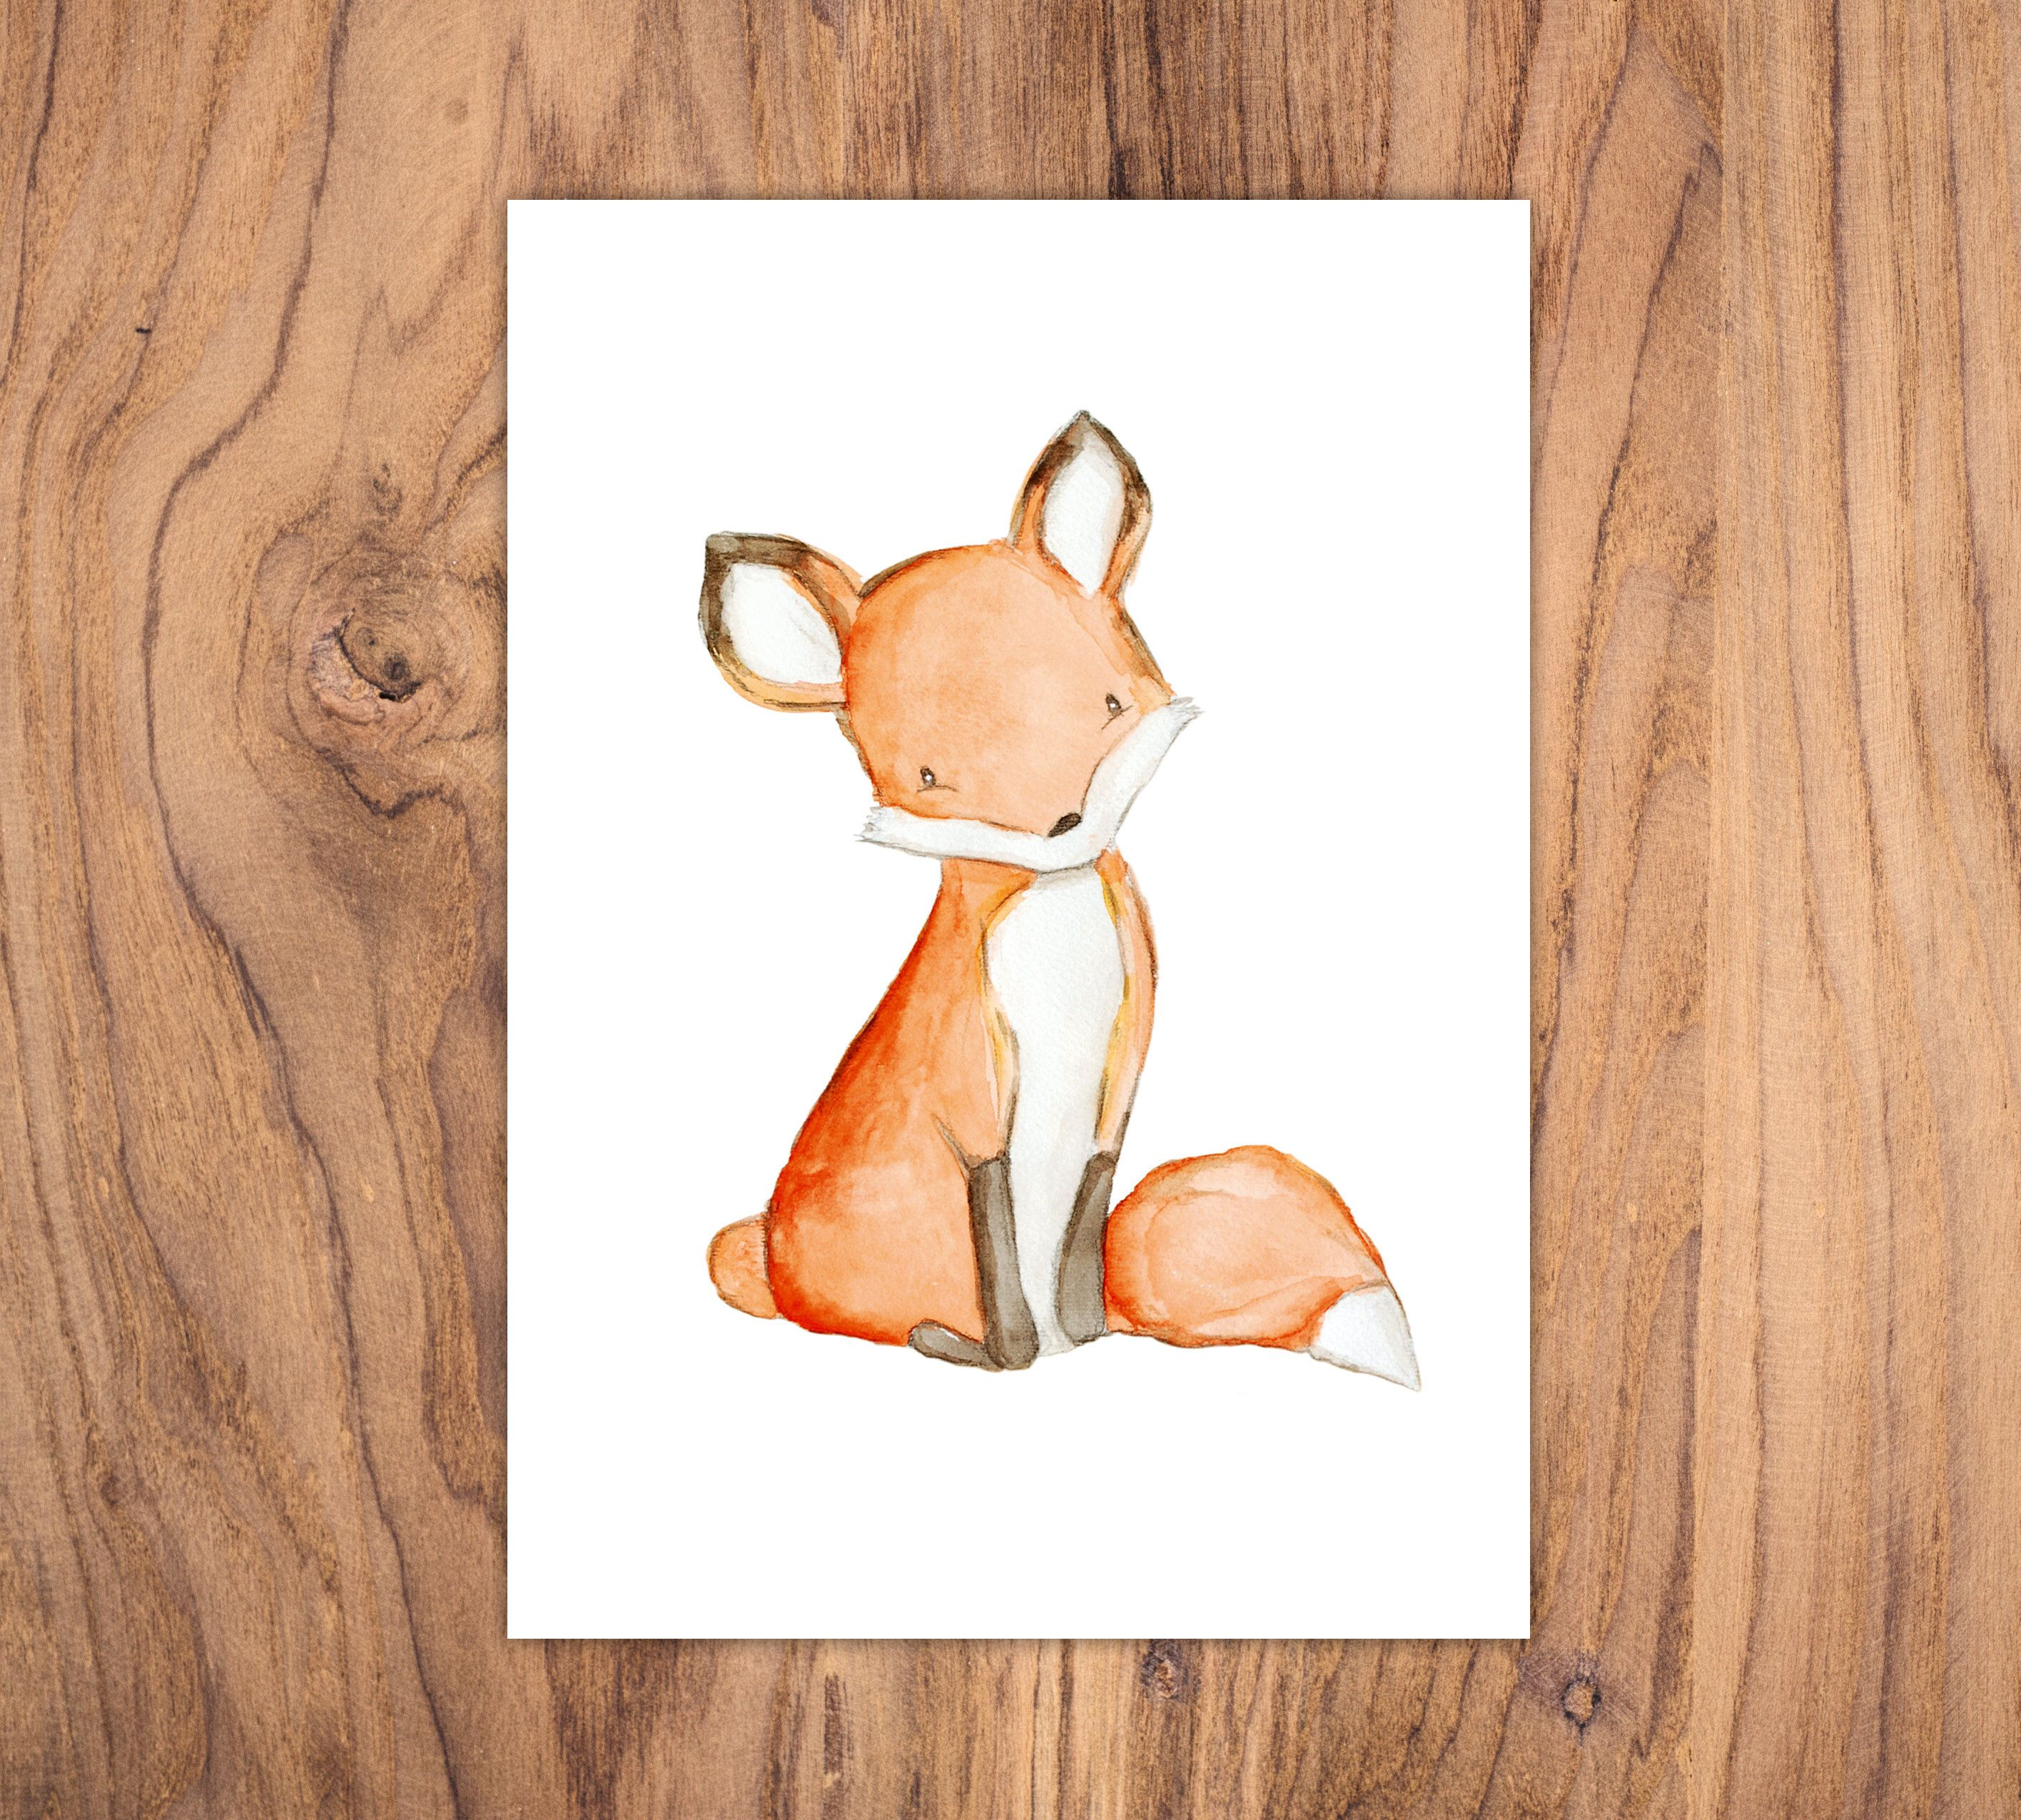 """Kinderbild """"Fuchs"""" Aquarell Poster zum Ausdrucken DIN A4 JPG-Datei als Sofort-Download Kinderzimmer Illustration Waldtier"""